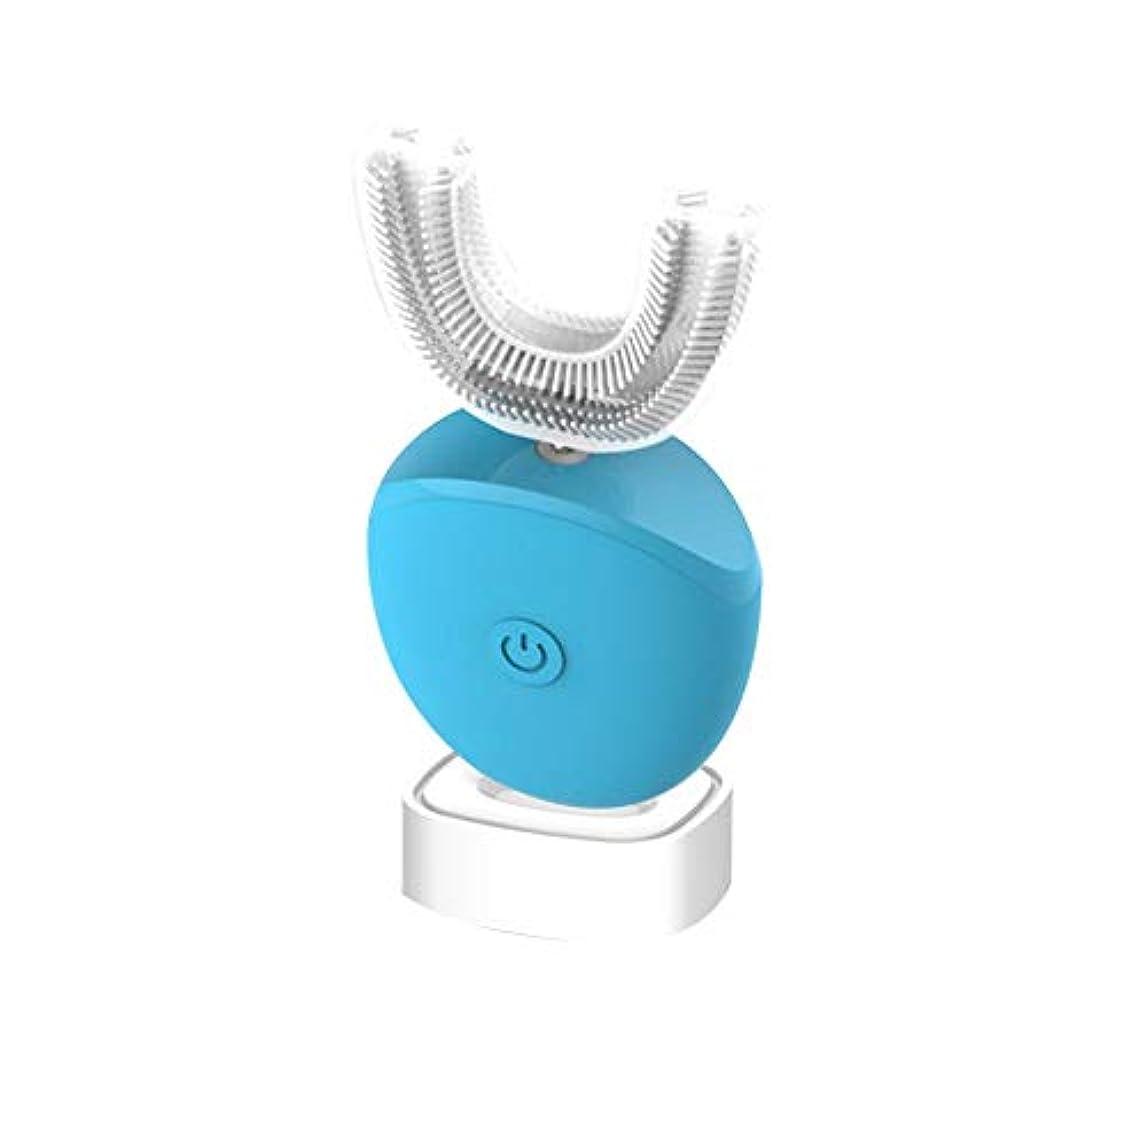 代名詞望み極小フルオートマチック可変周波数電動歯ブラシ、自動360度U字型電動歯ブラシ、ワイヤレス充電IPX7防水自動歯ブラシ(大人用),Blue